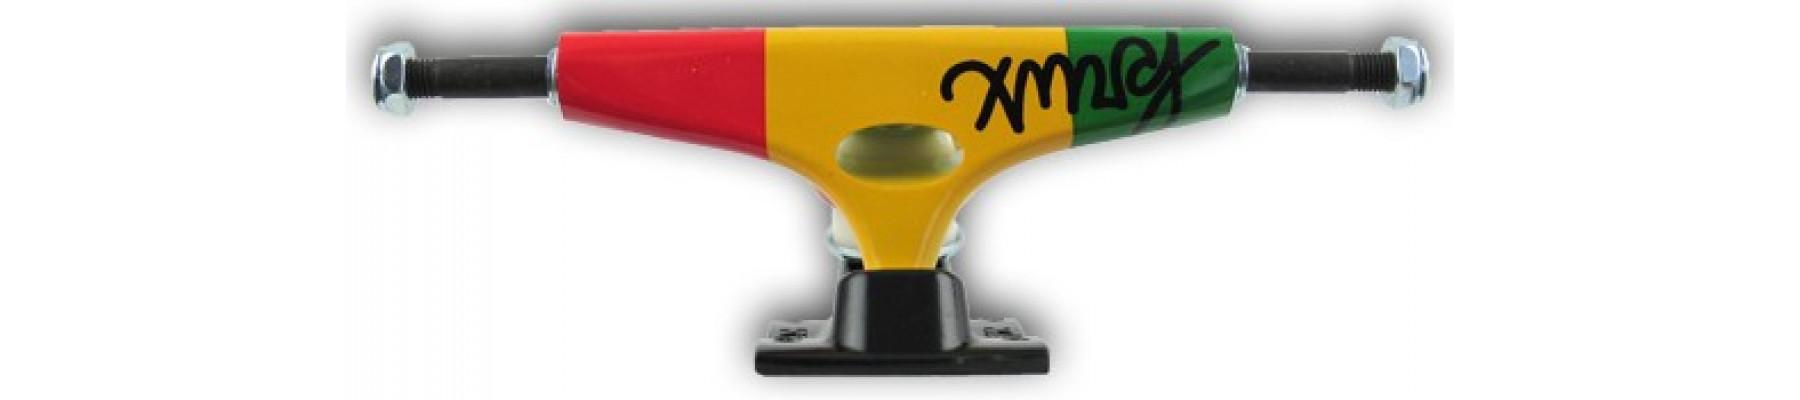 KRUX TALL DUB REG HI5.0